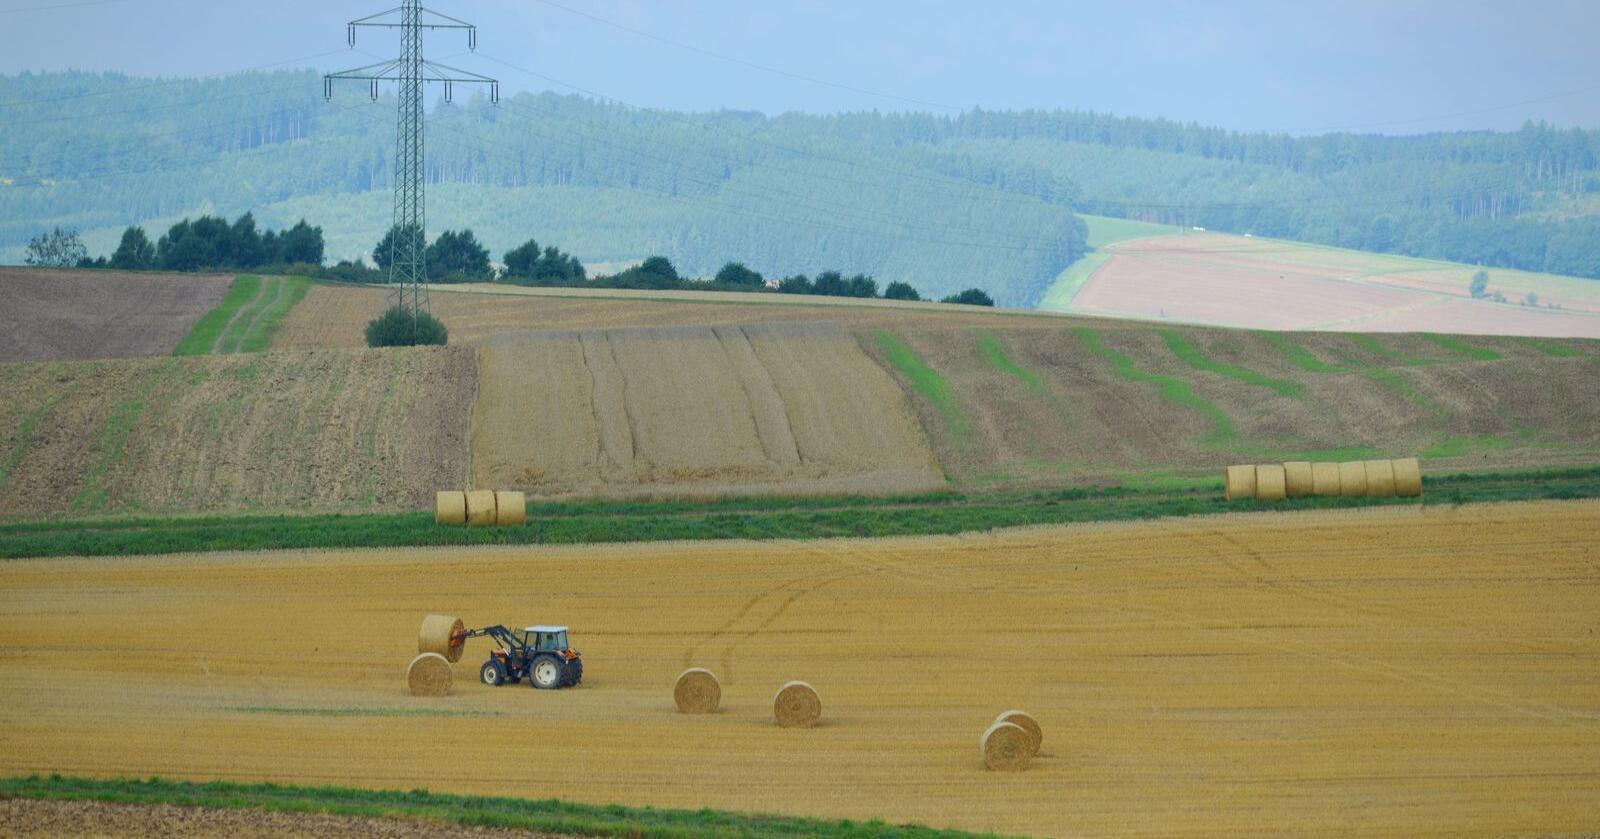 Frankrikes landbruksminister ber folk som ikke kan gå på jobb for tiden om å stille som sesongarbeidere i landbruket. Illustrasjonsfoto: Frank May / NTB scanpix